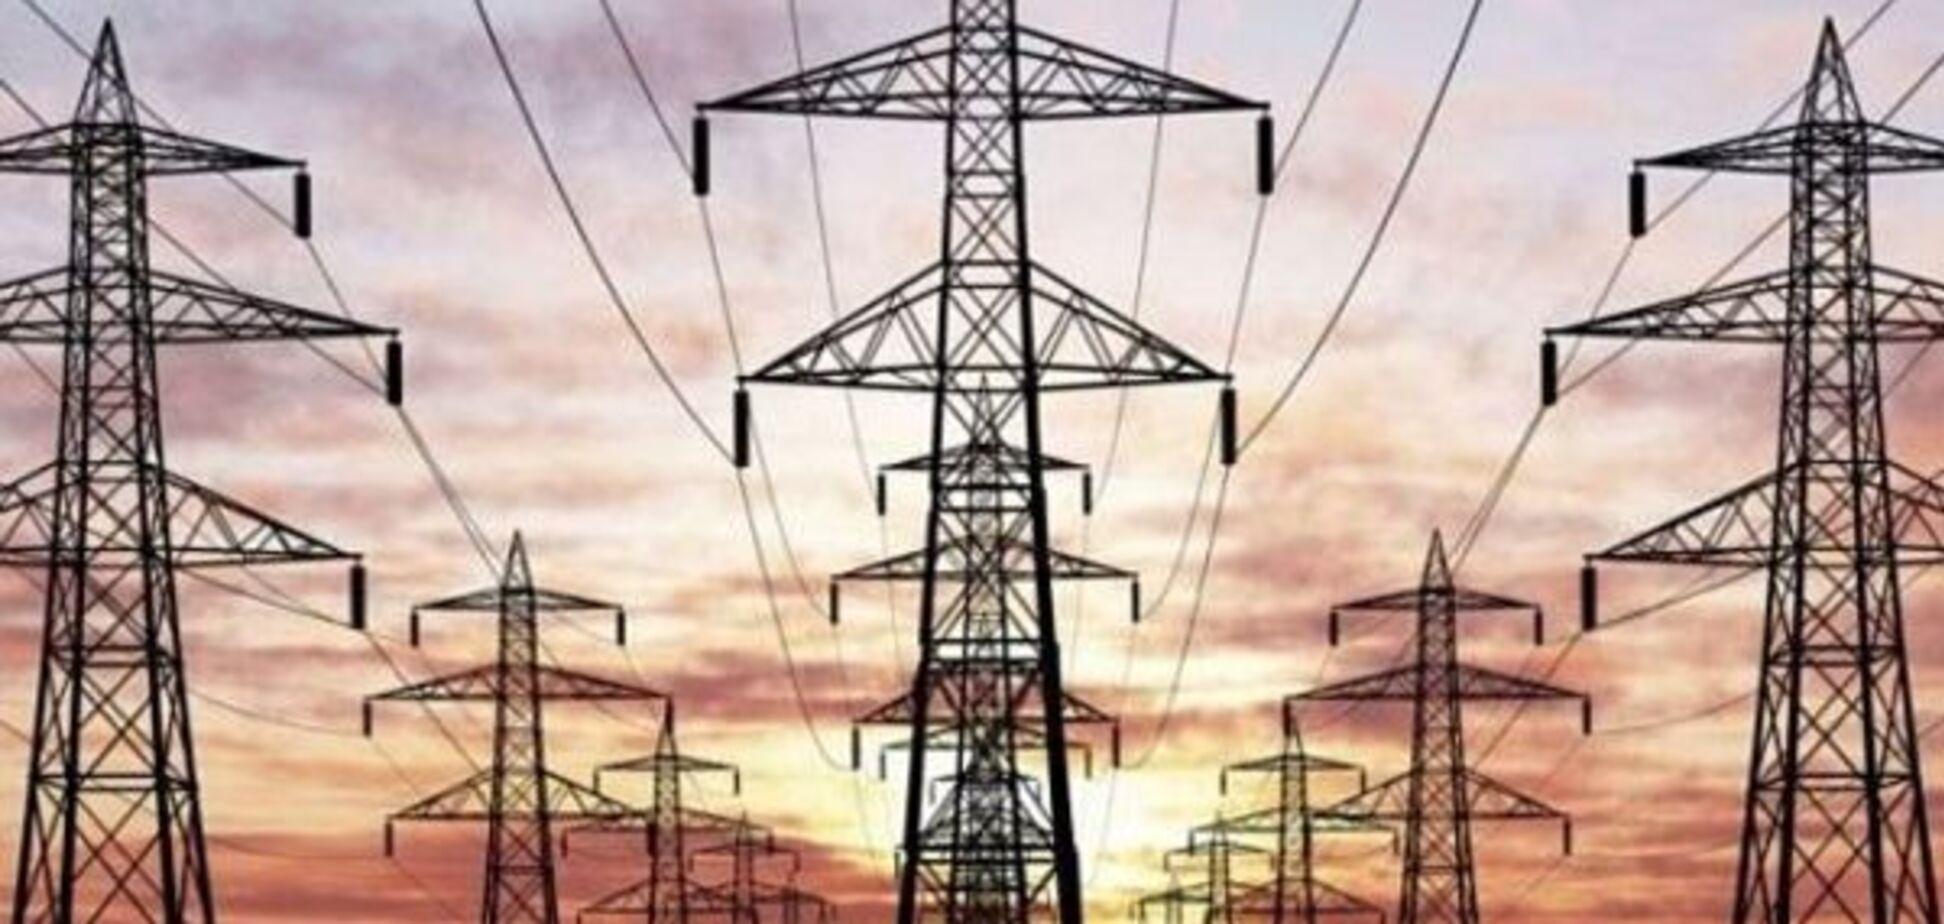 НКРЕКП руйнує українські генерувальні компанії на догоду власникам енергоємних підприємств і російських енергетиків, – нардеп